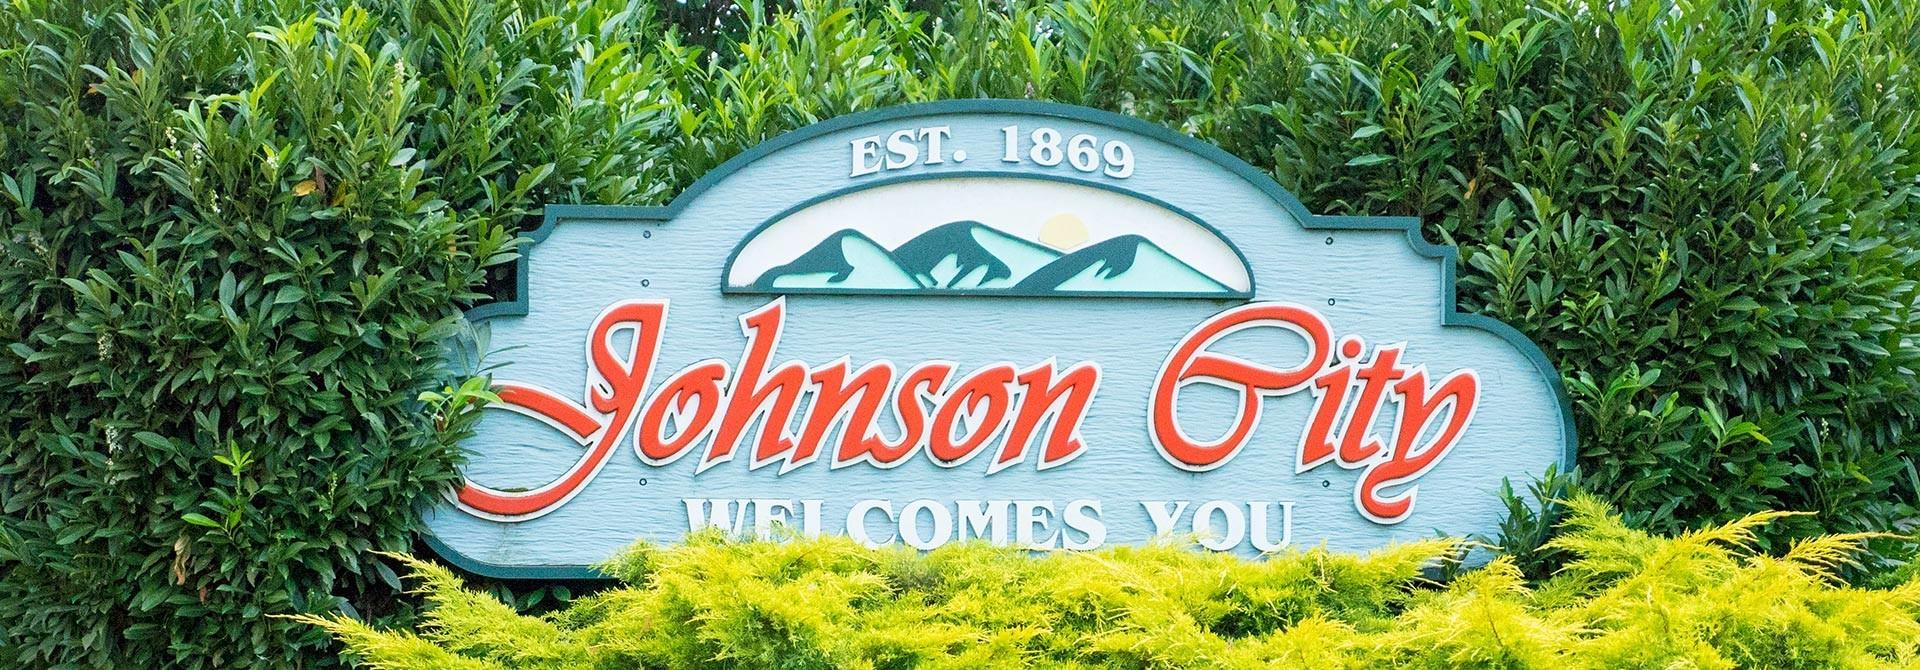 Johnson City SEO